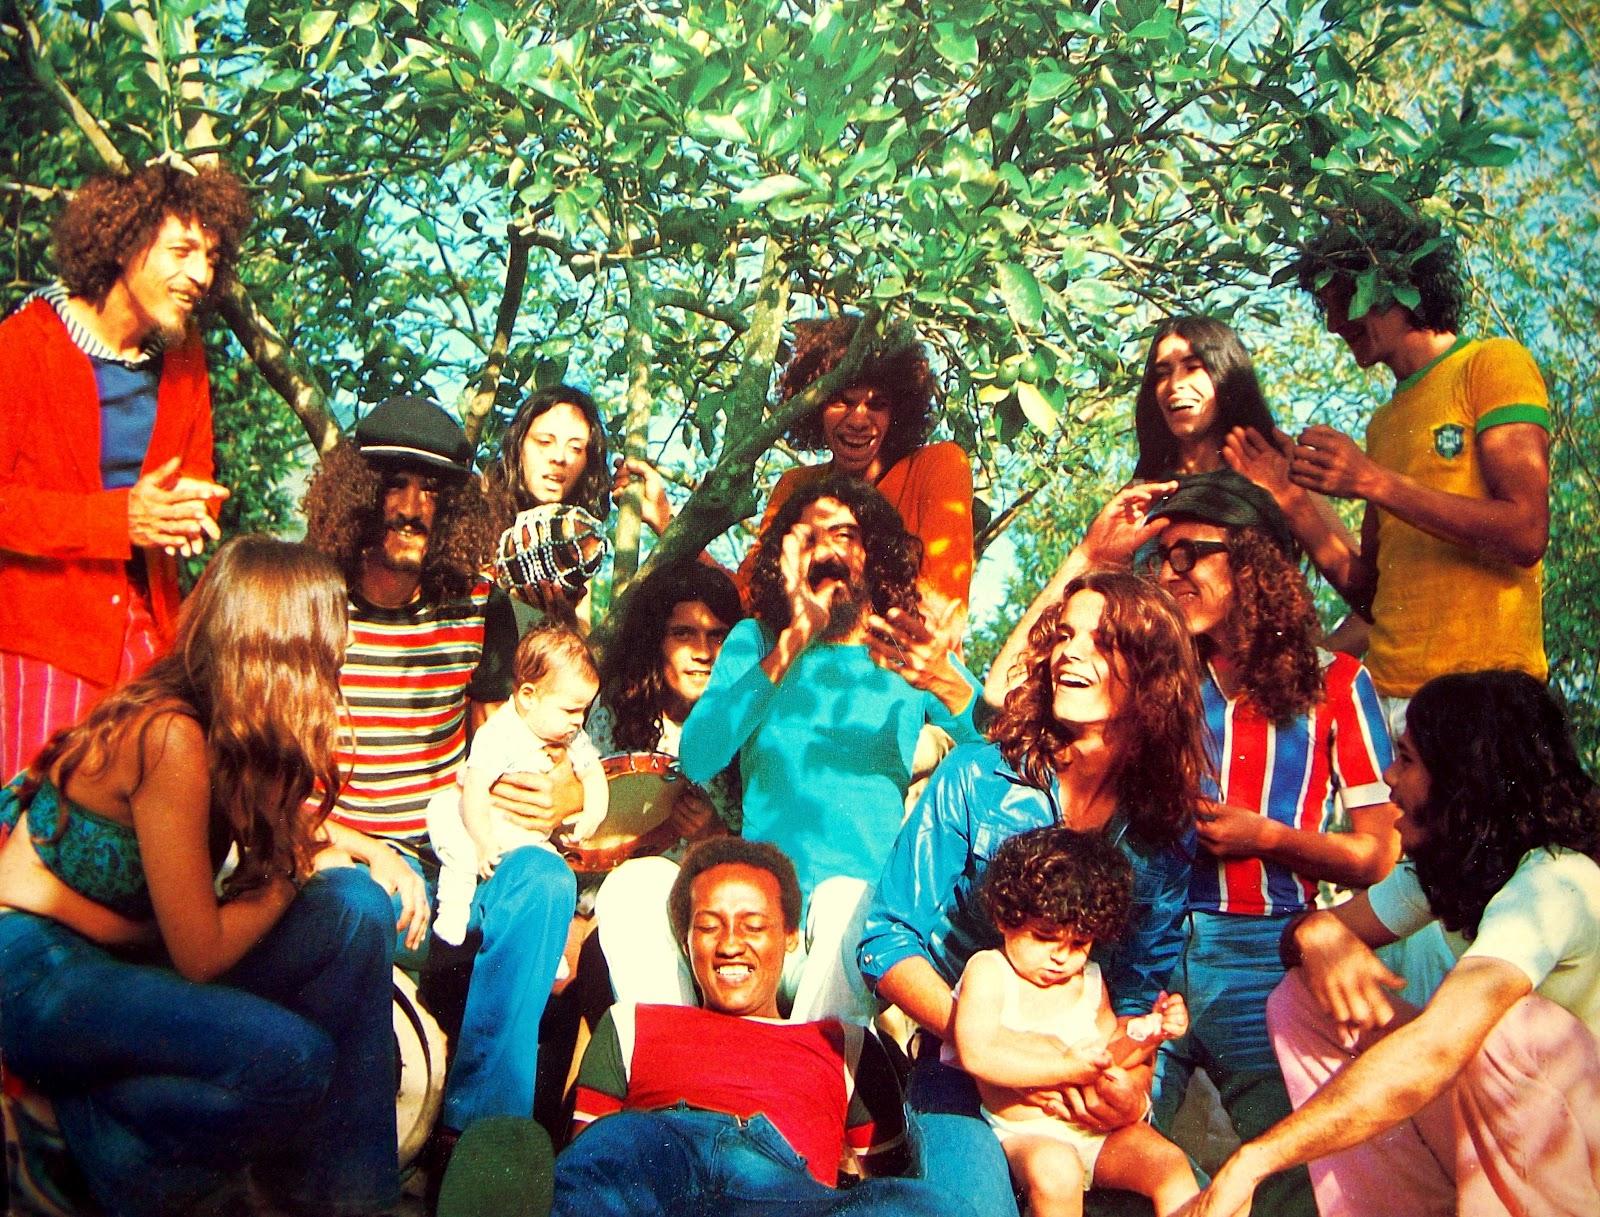 Música: Os 10 LPs mais clássicos da música brasileira